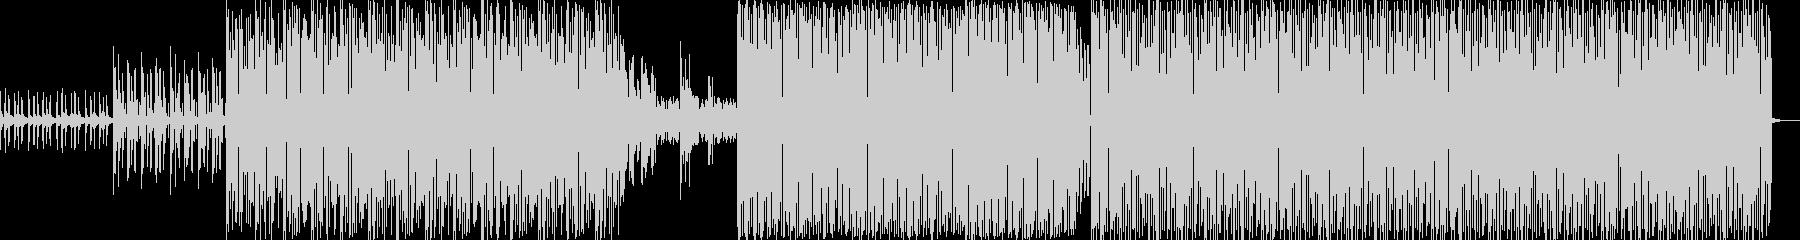 ハイテンポバージョン bpm122 の未再生の波形